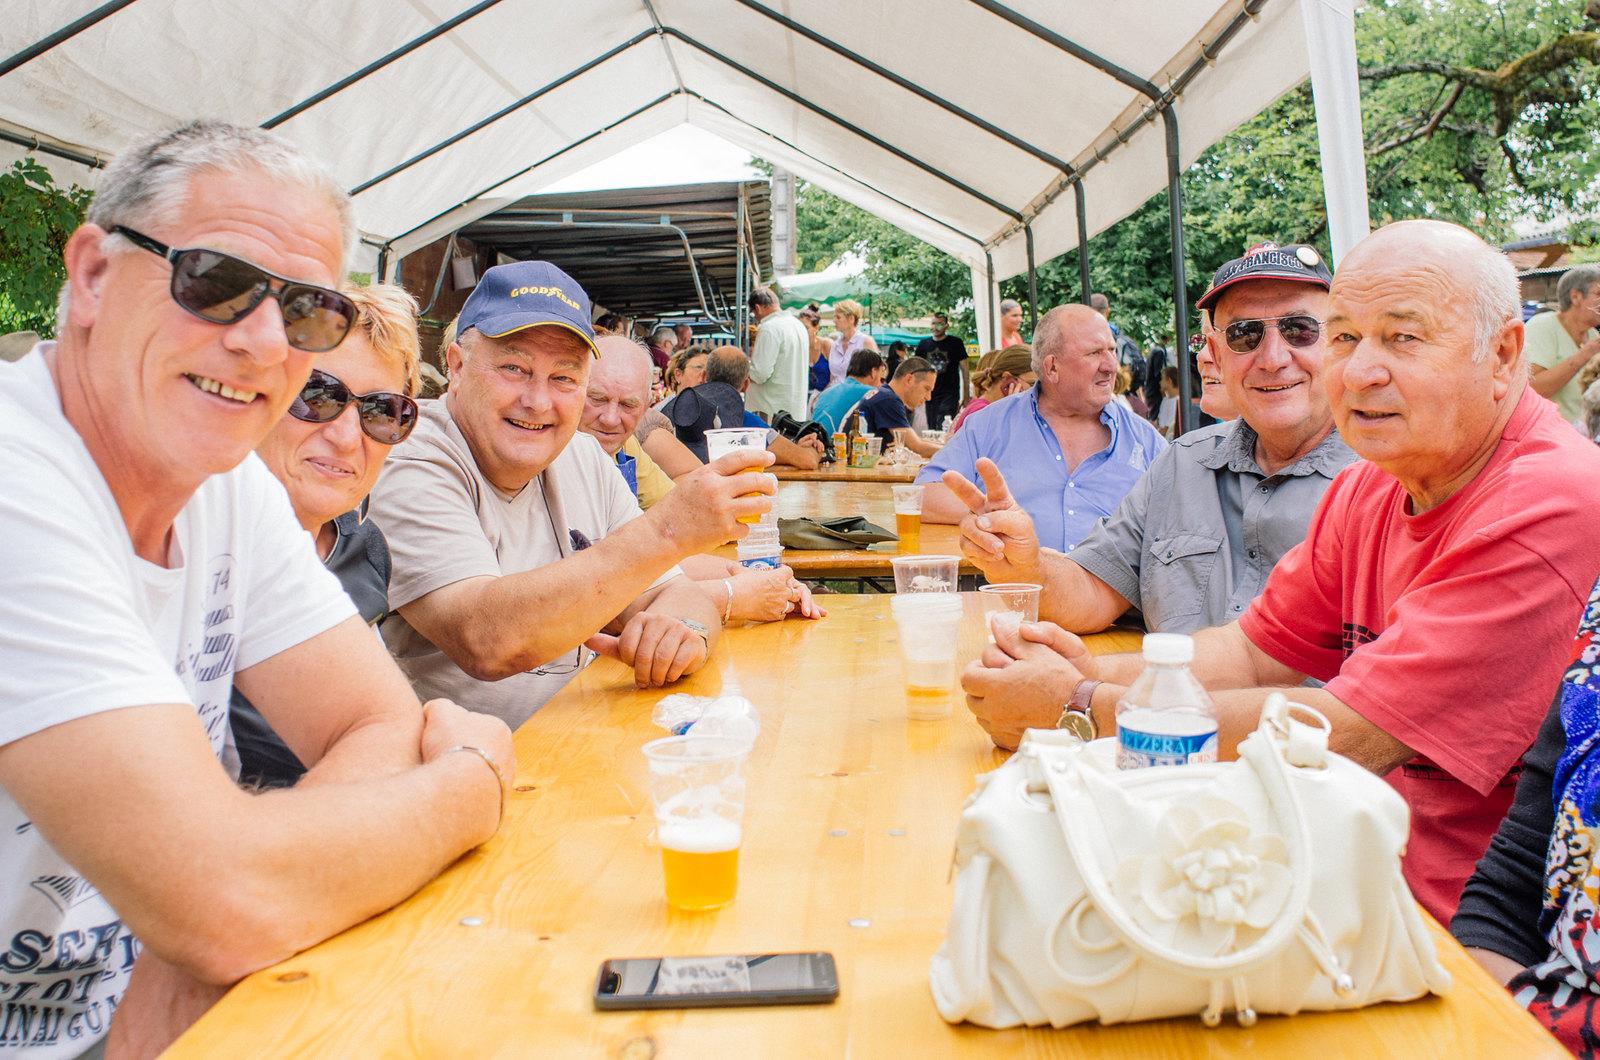 Tourisme vert en Haute-Marne - Coup de chaud au paradis - La joie des convives